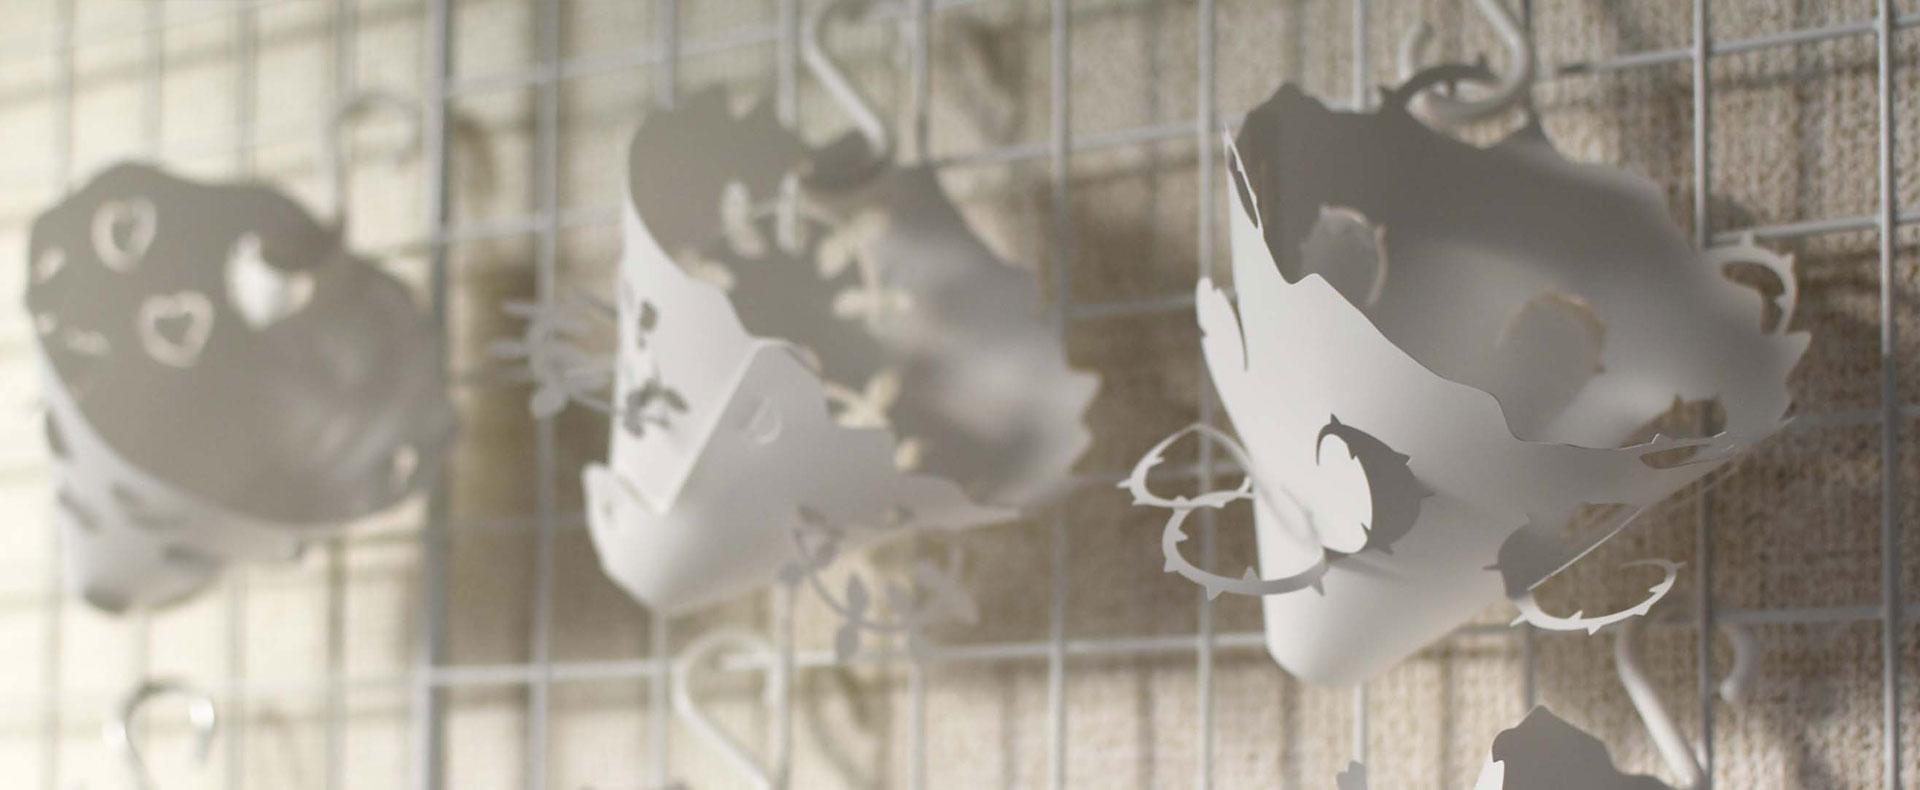 紙とフィルムの良さをそなえる機能合成紙